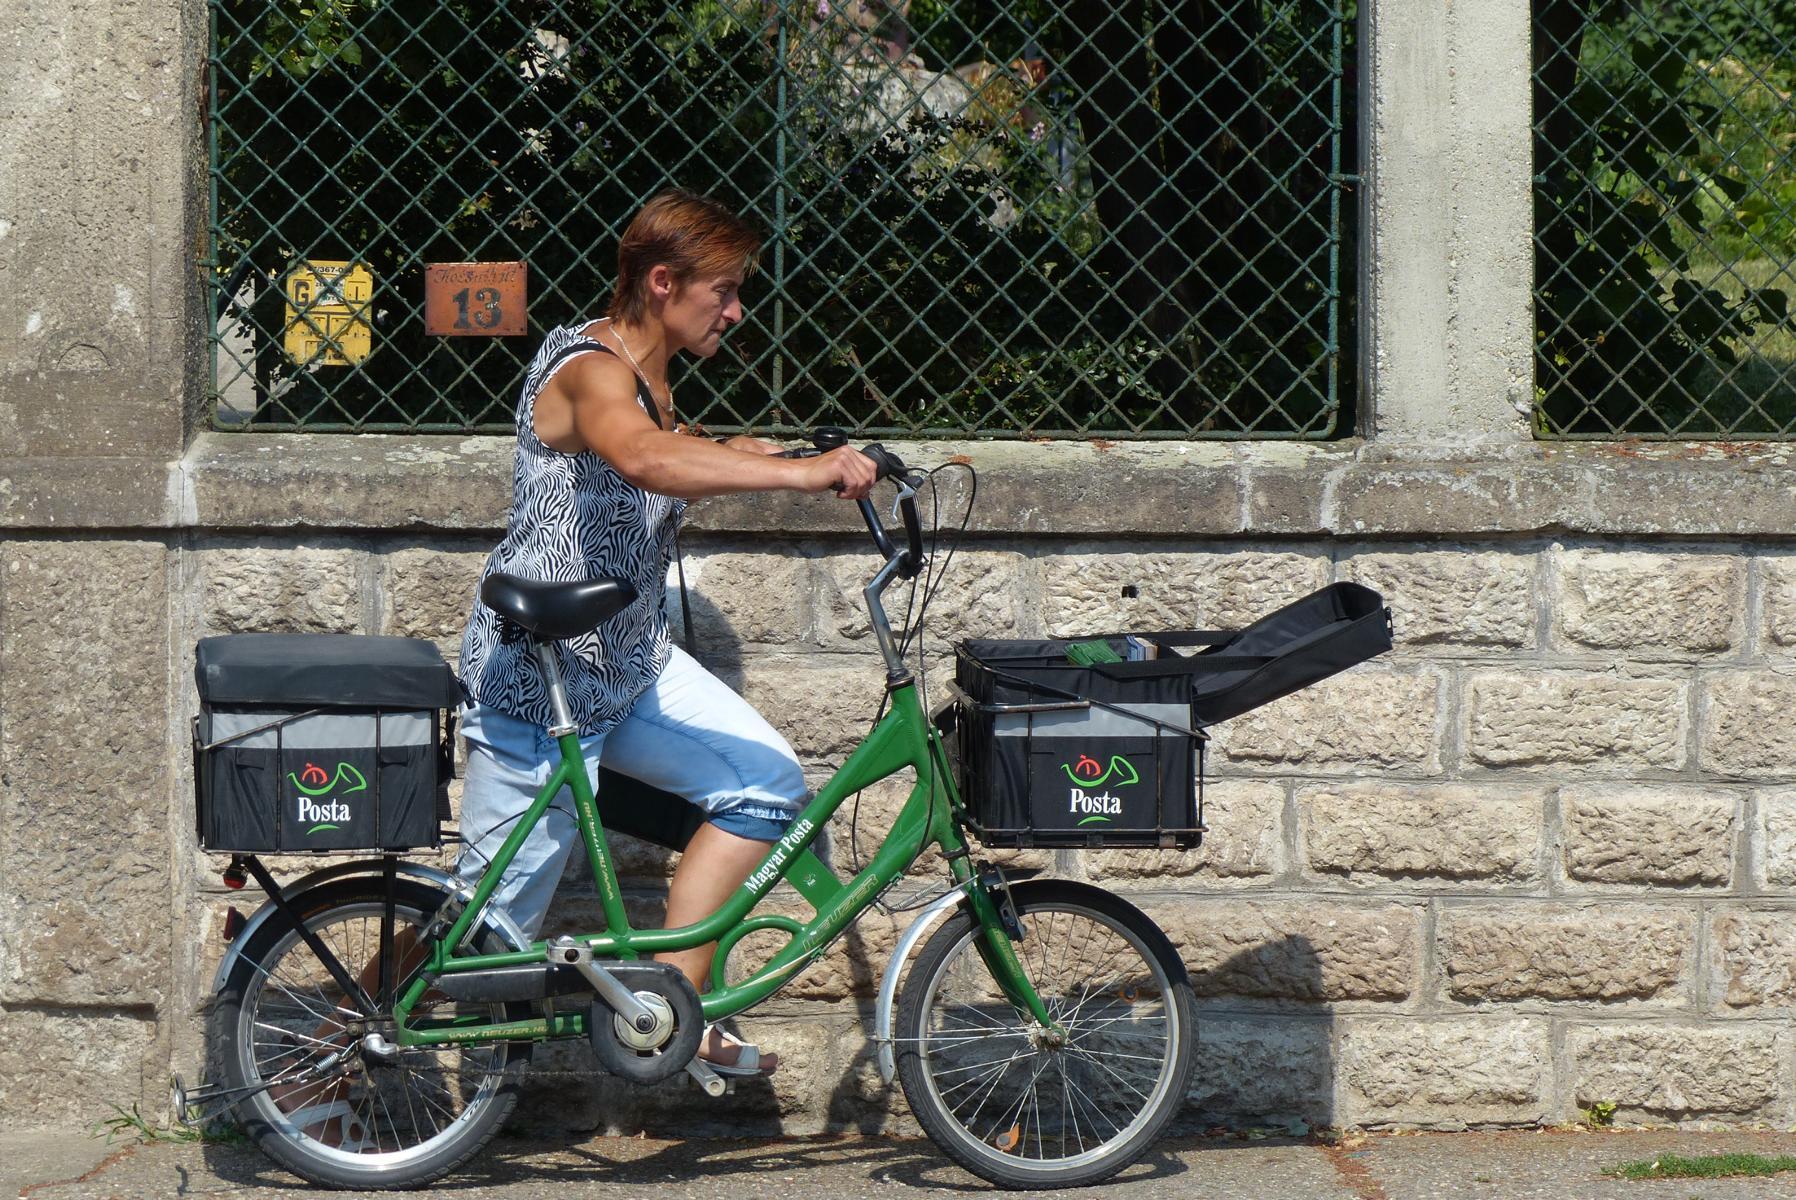 Erstaunlich, wie wenige Autos in ungarischen Dörfern unterwegs waren und wie viele Fahrräder.